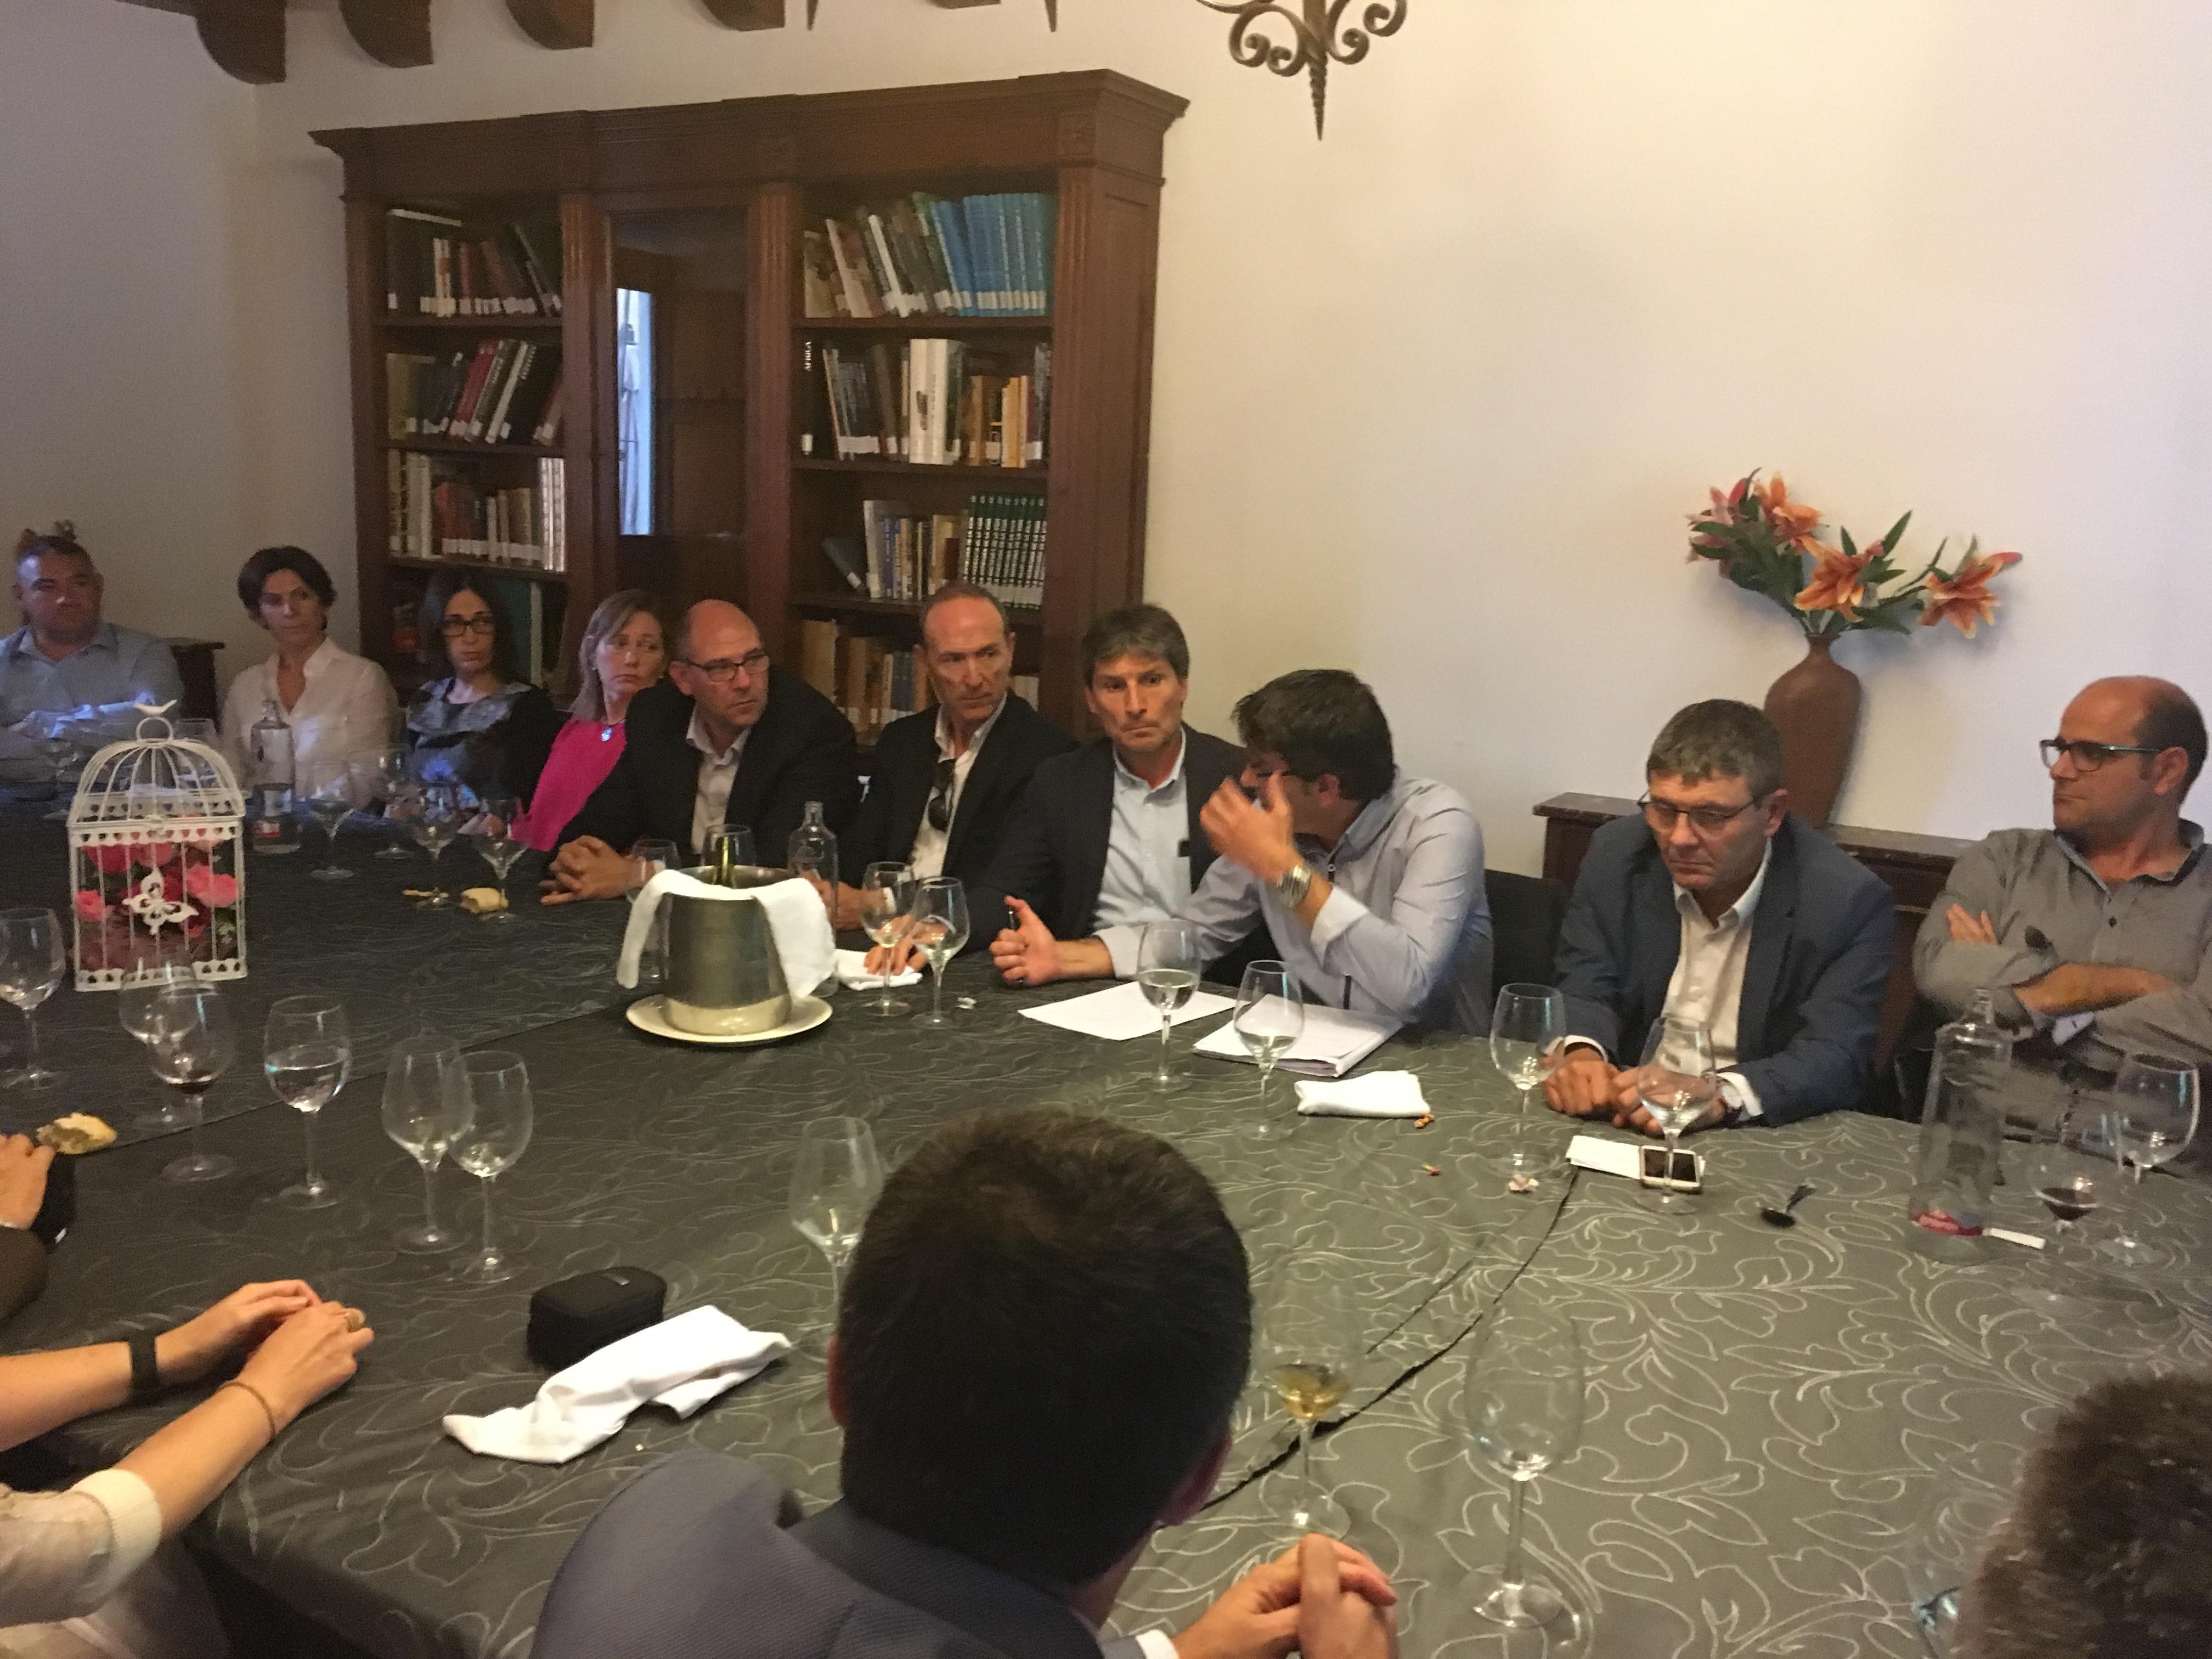 inauguracion-encuentros-empresariales-coeval-2016-2017-por-el-presidente-de-la-diputacion-dfe-valencia-3